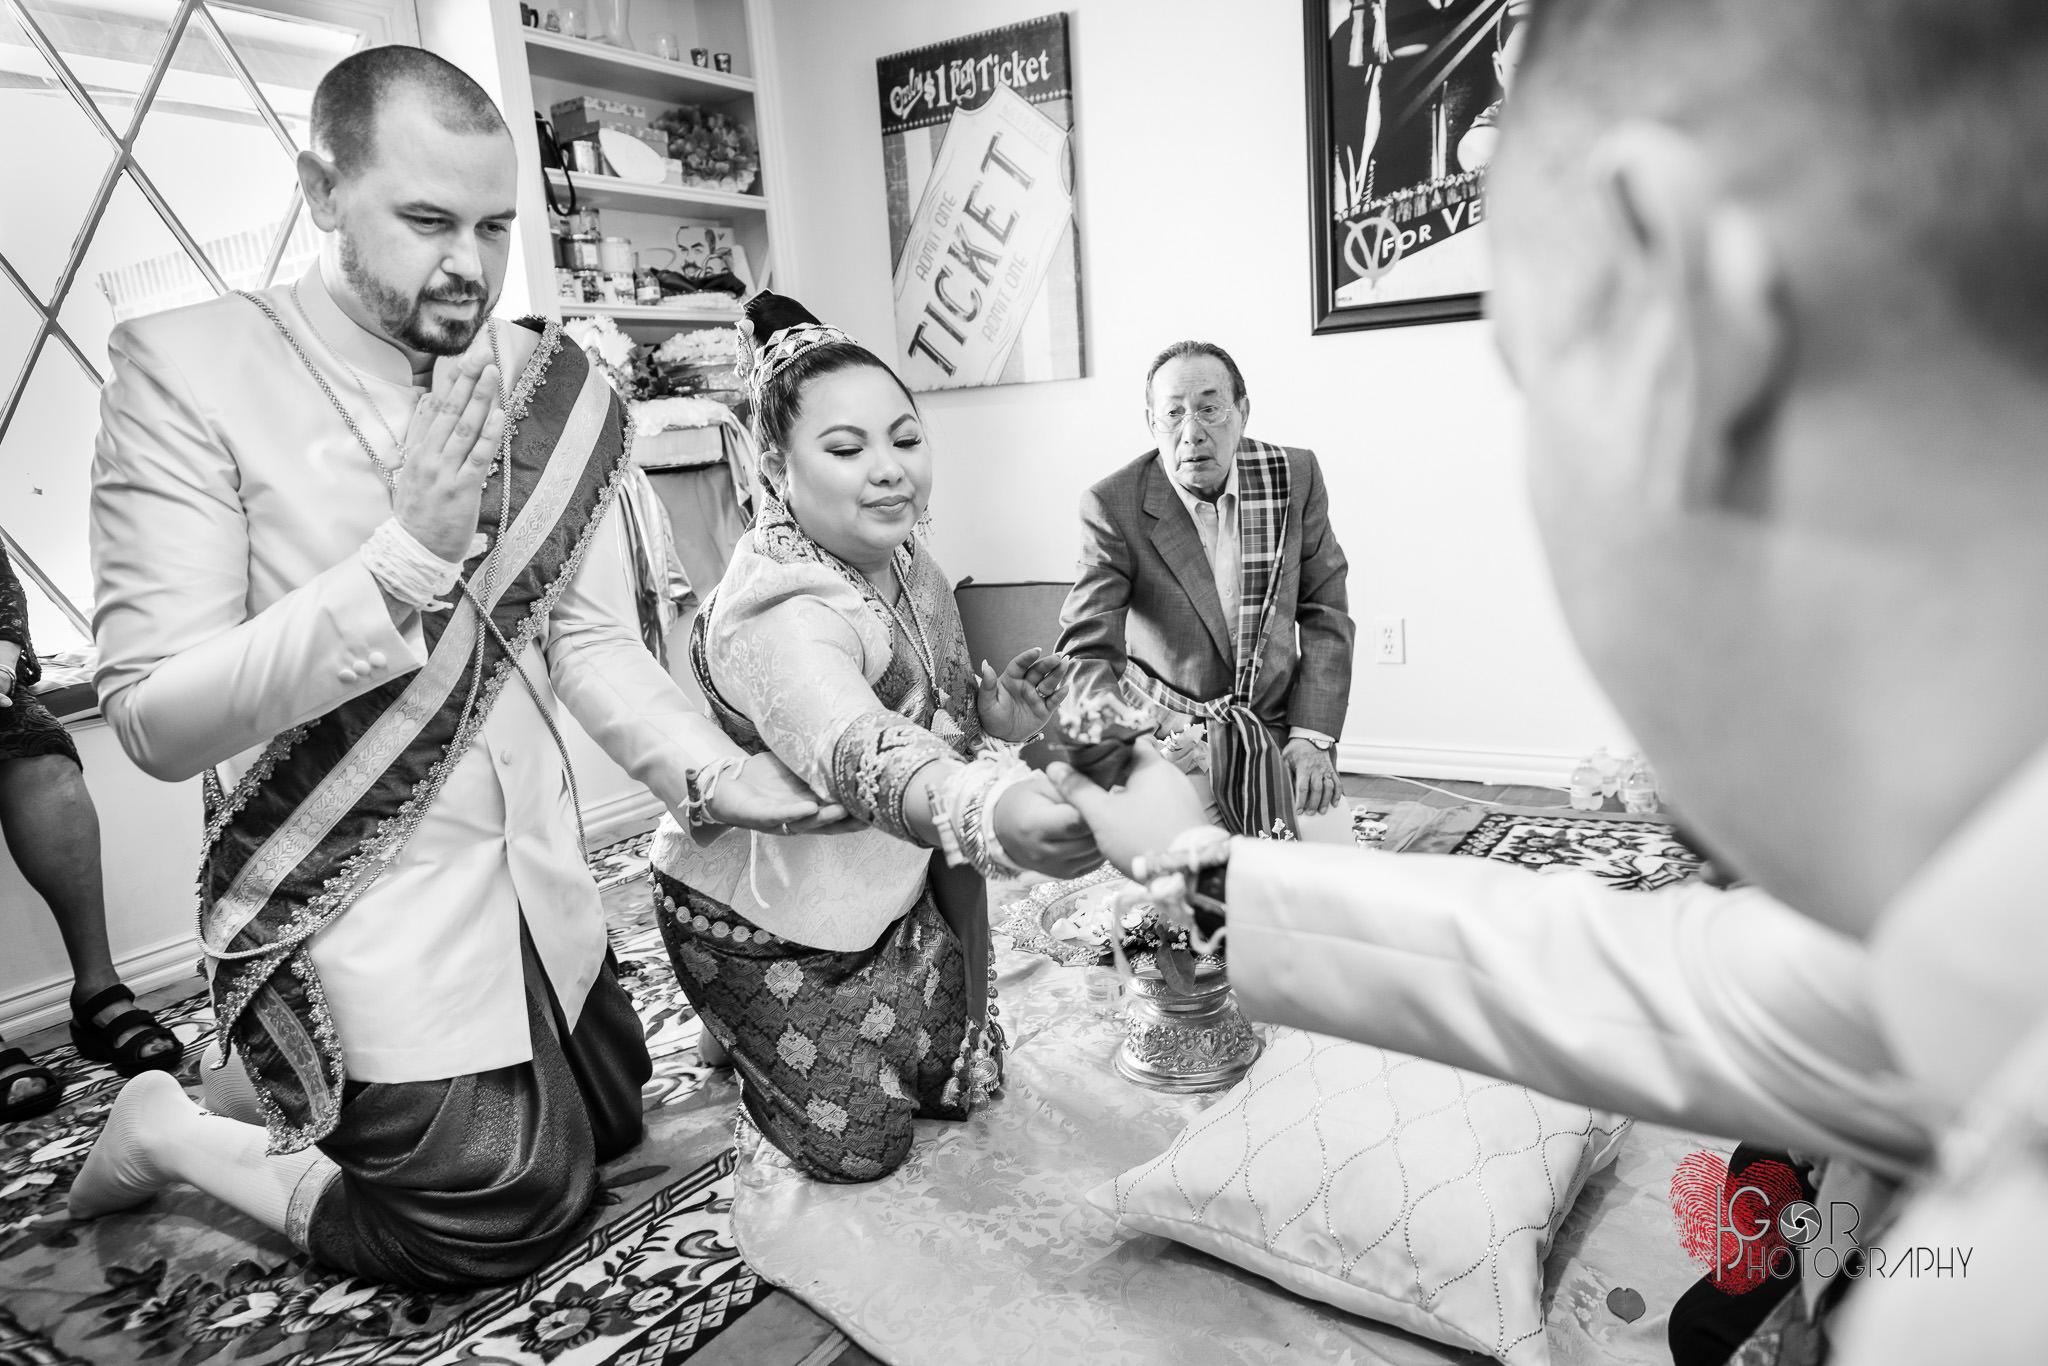 Laotian wedding ceremony